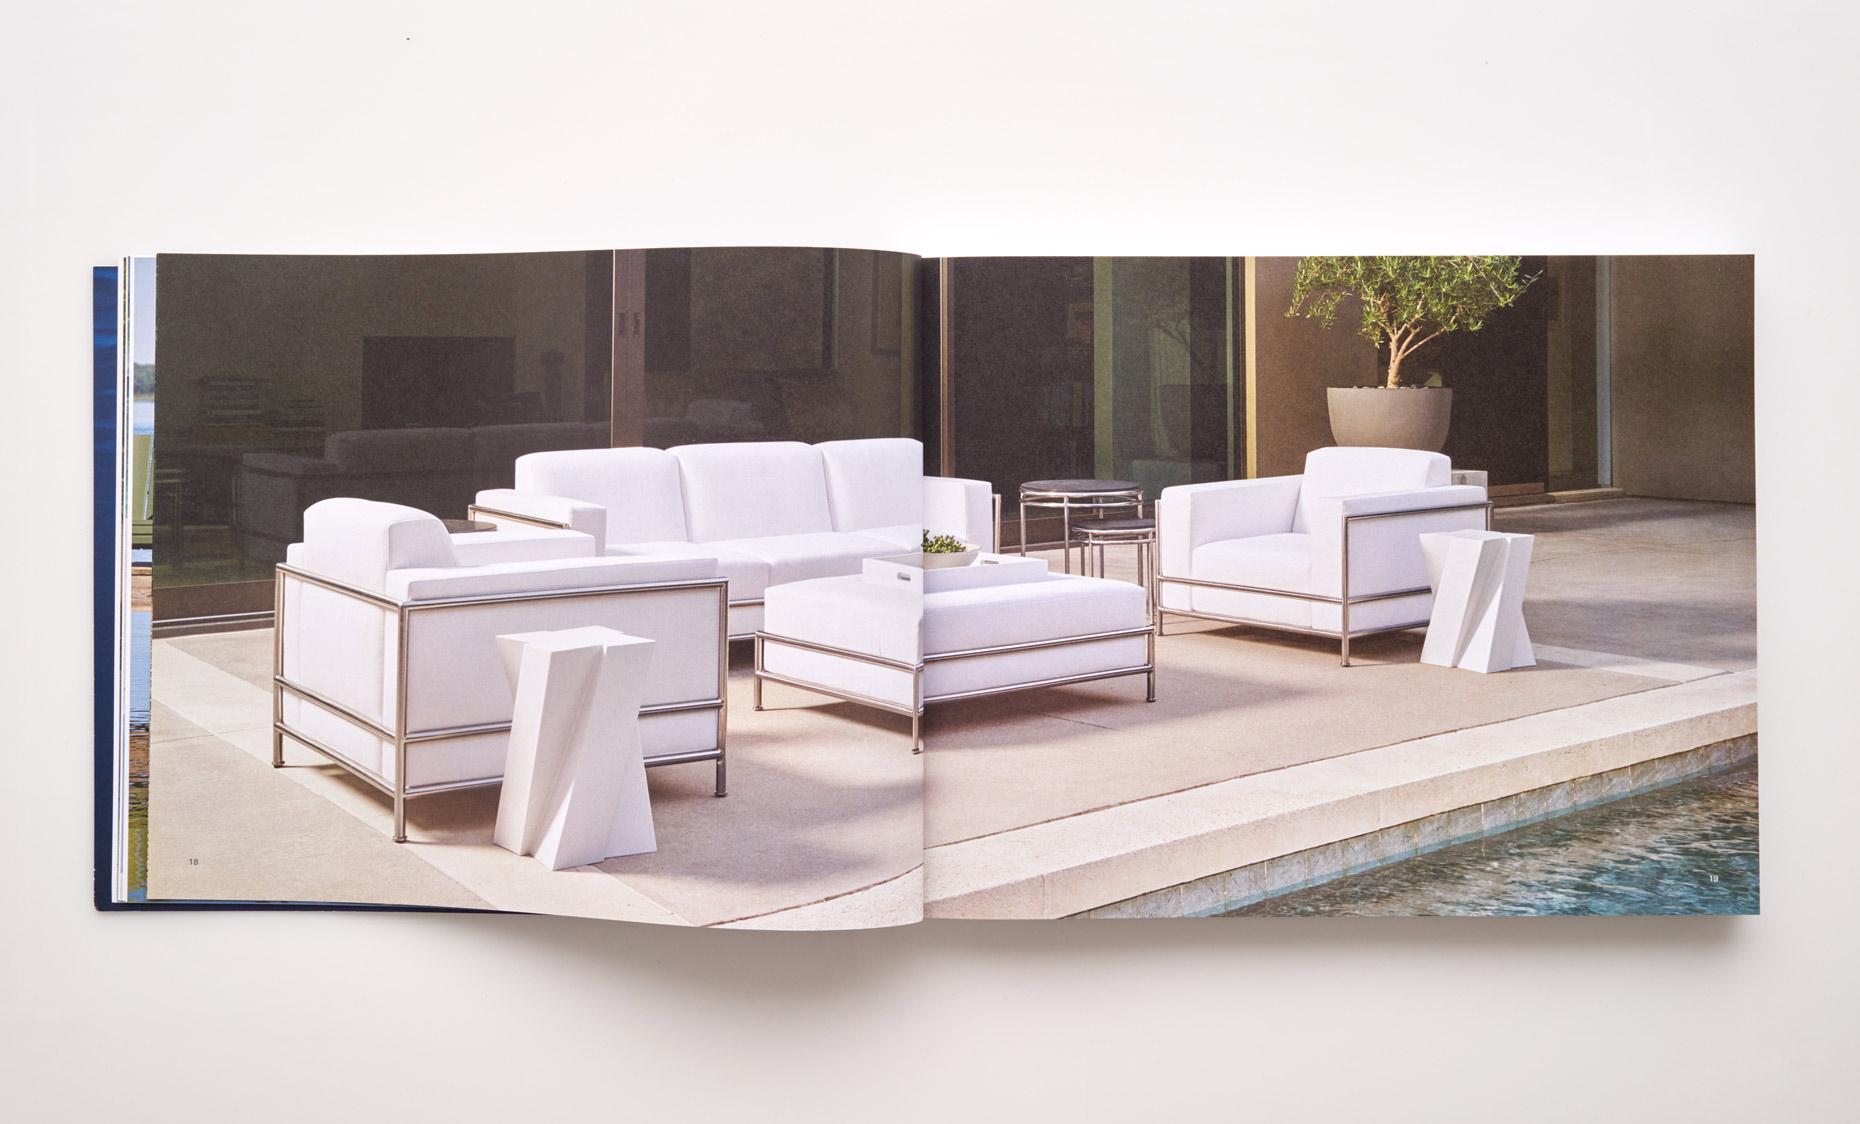 Stephen Karlisch Sutherland Furniture Elipse Collection